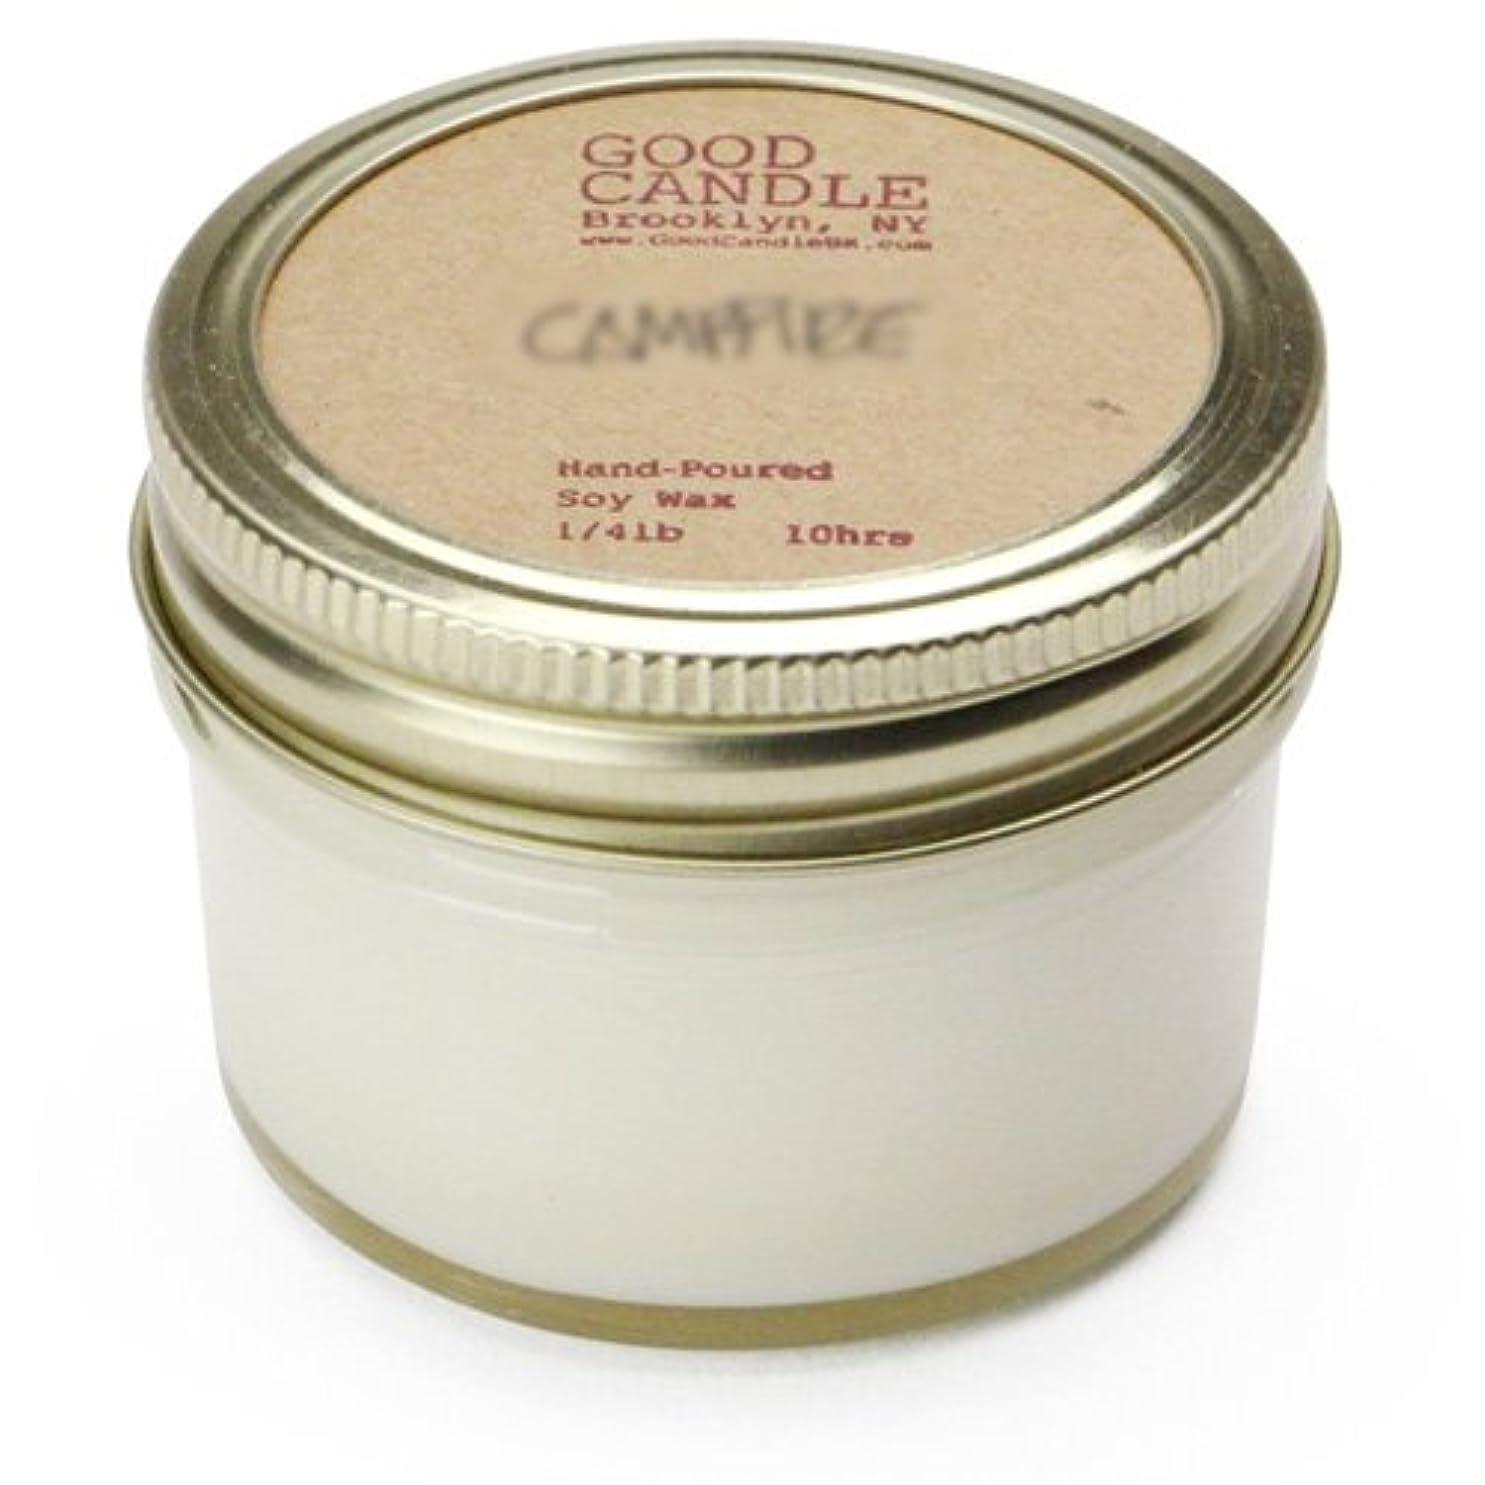 おびえたインポート予備グッドキャンドル 1/4ポンド ゼリージャー キャンドル Good Candle 1/4LB Jelly jar candle [ Basil ] 正規品